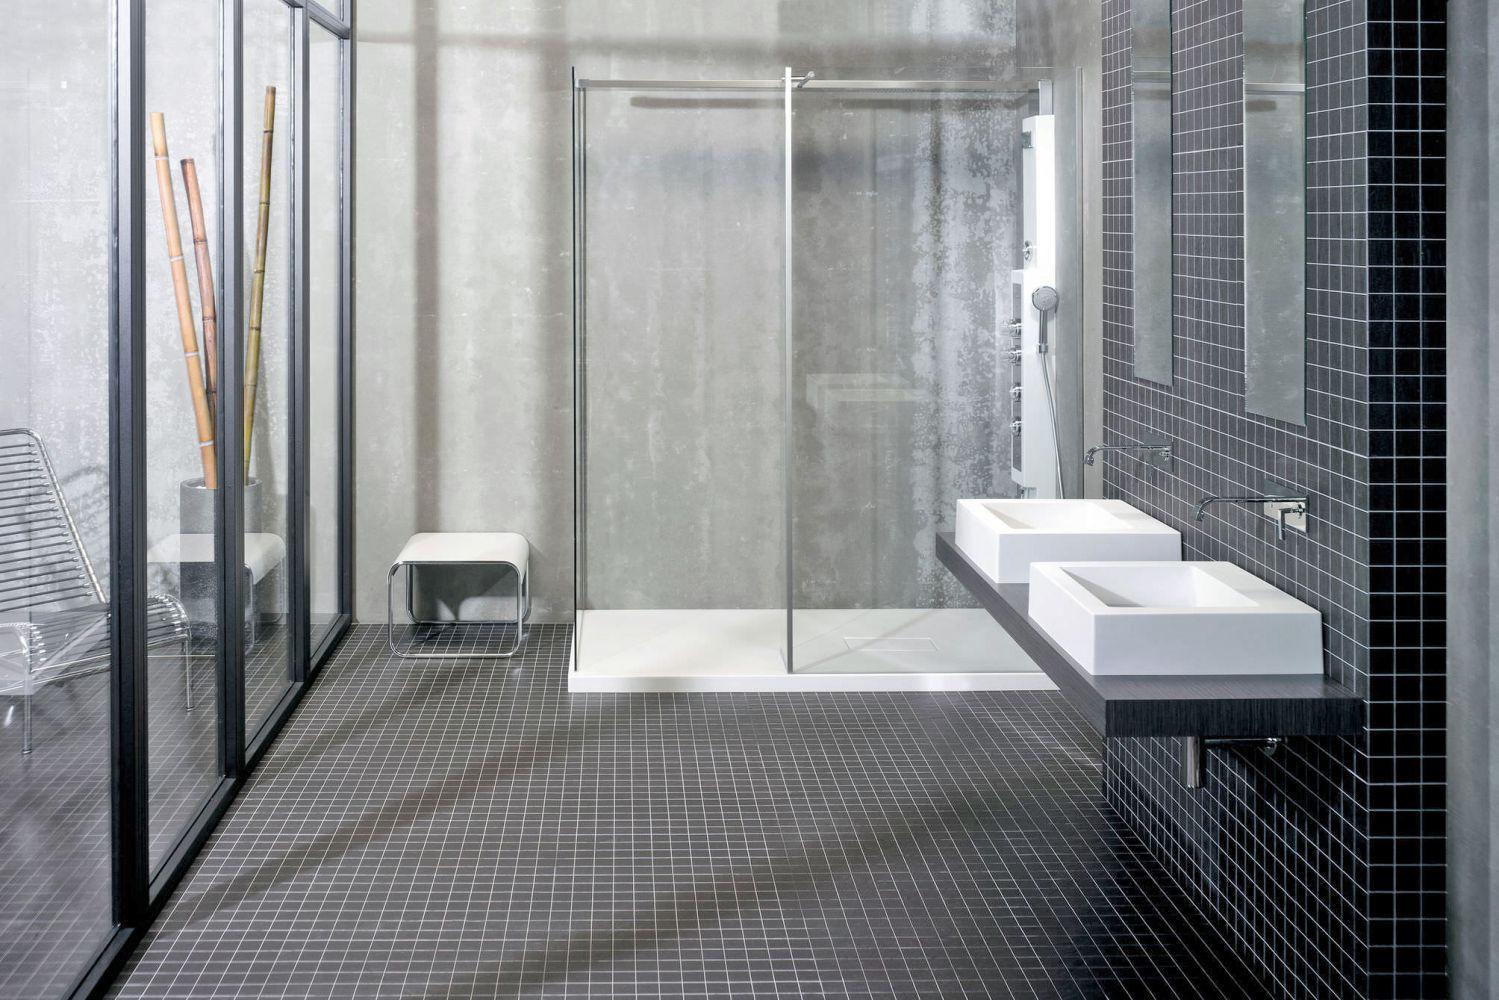 Acheter une salle de bain zhitopw for Acheter faience salle bain